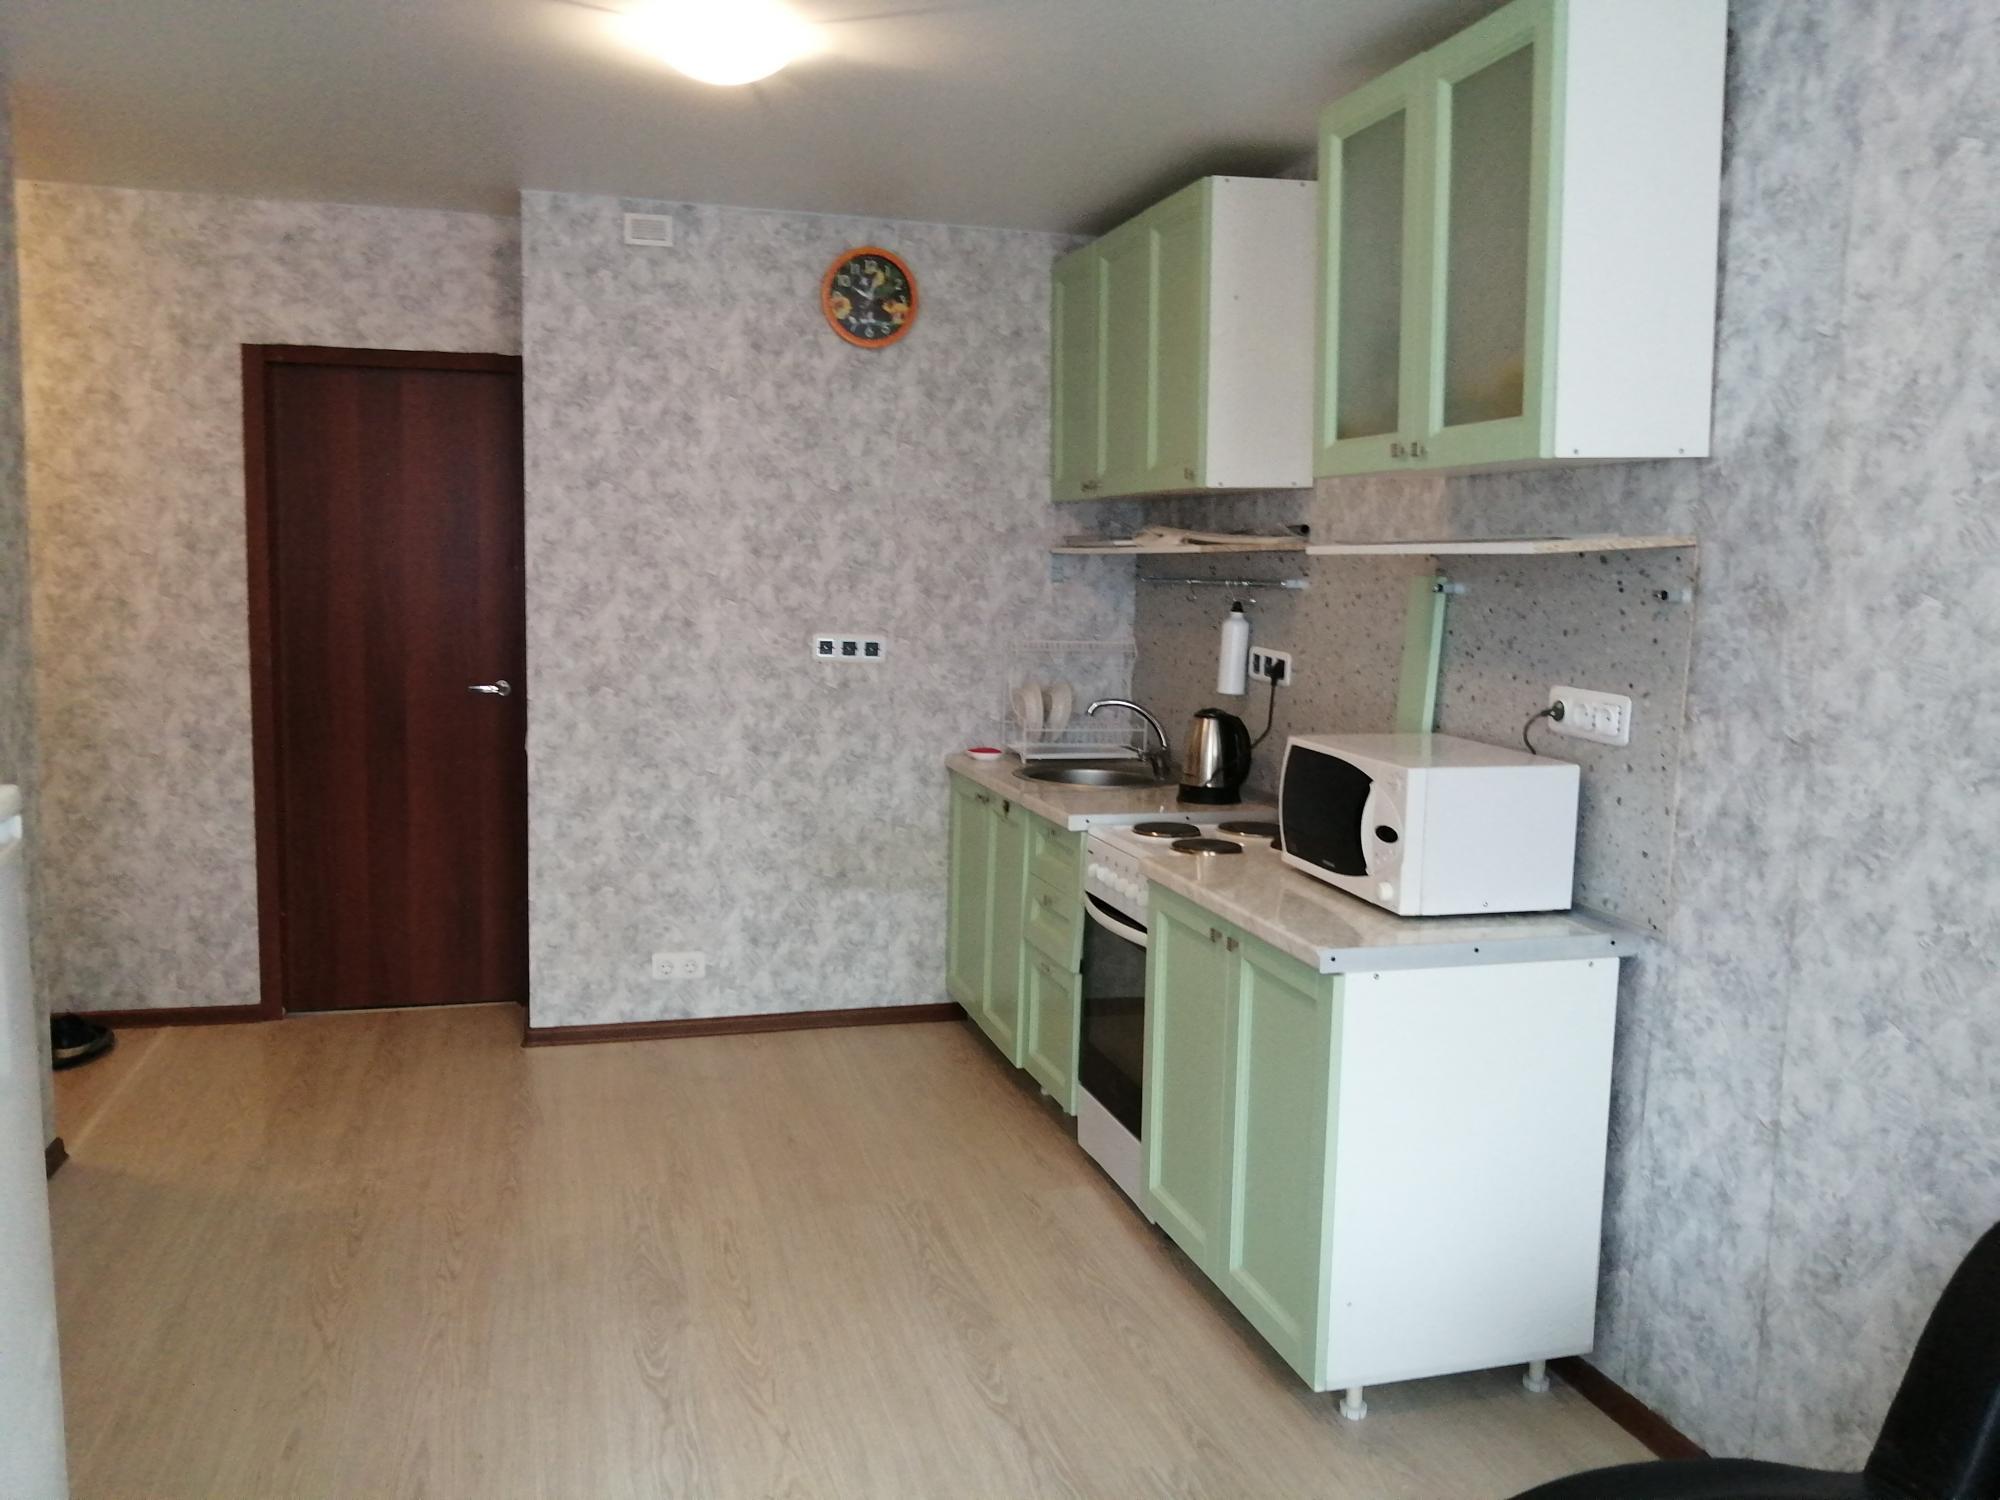 Квартира, 1 комната, 38 м² в Красково 89167750489 купить 6